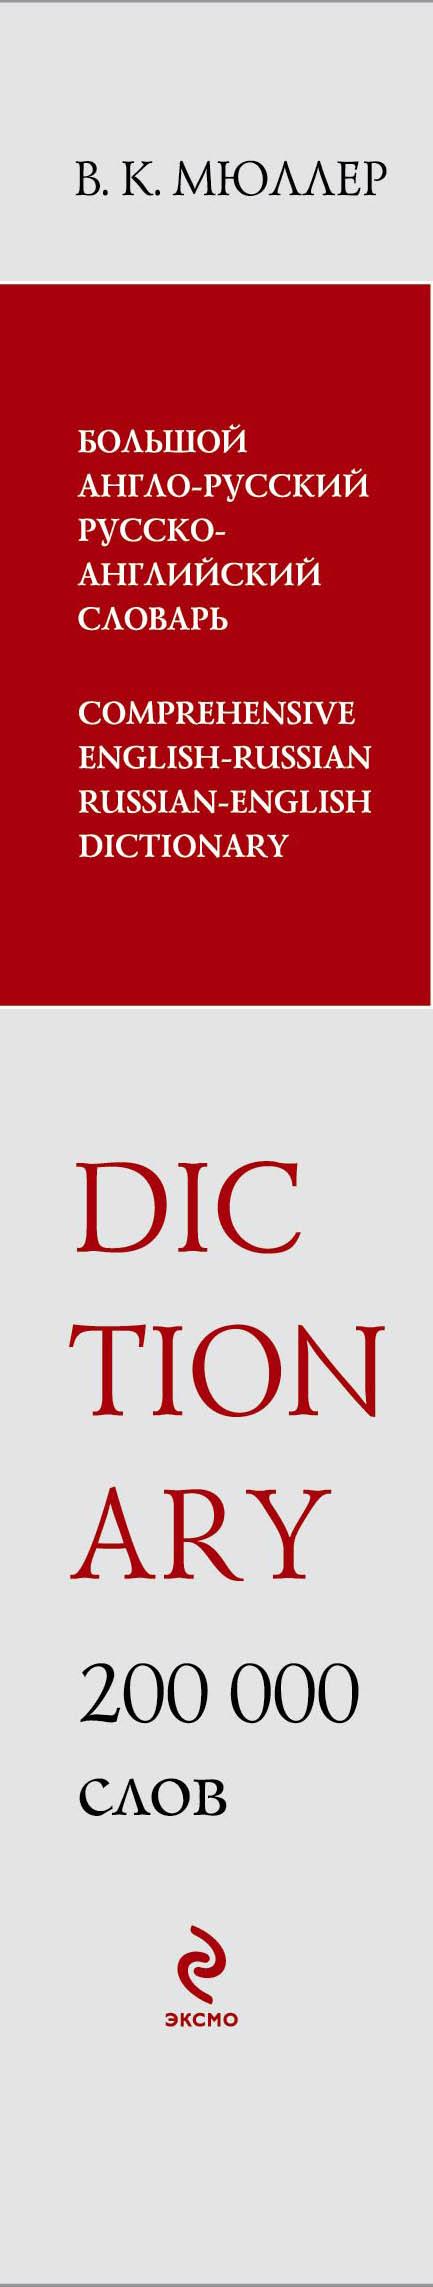 Большой англо-русский и русско-английский словарь / Comprehensive English-Russian & Russian-English Dictionary